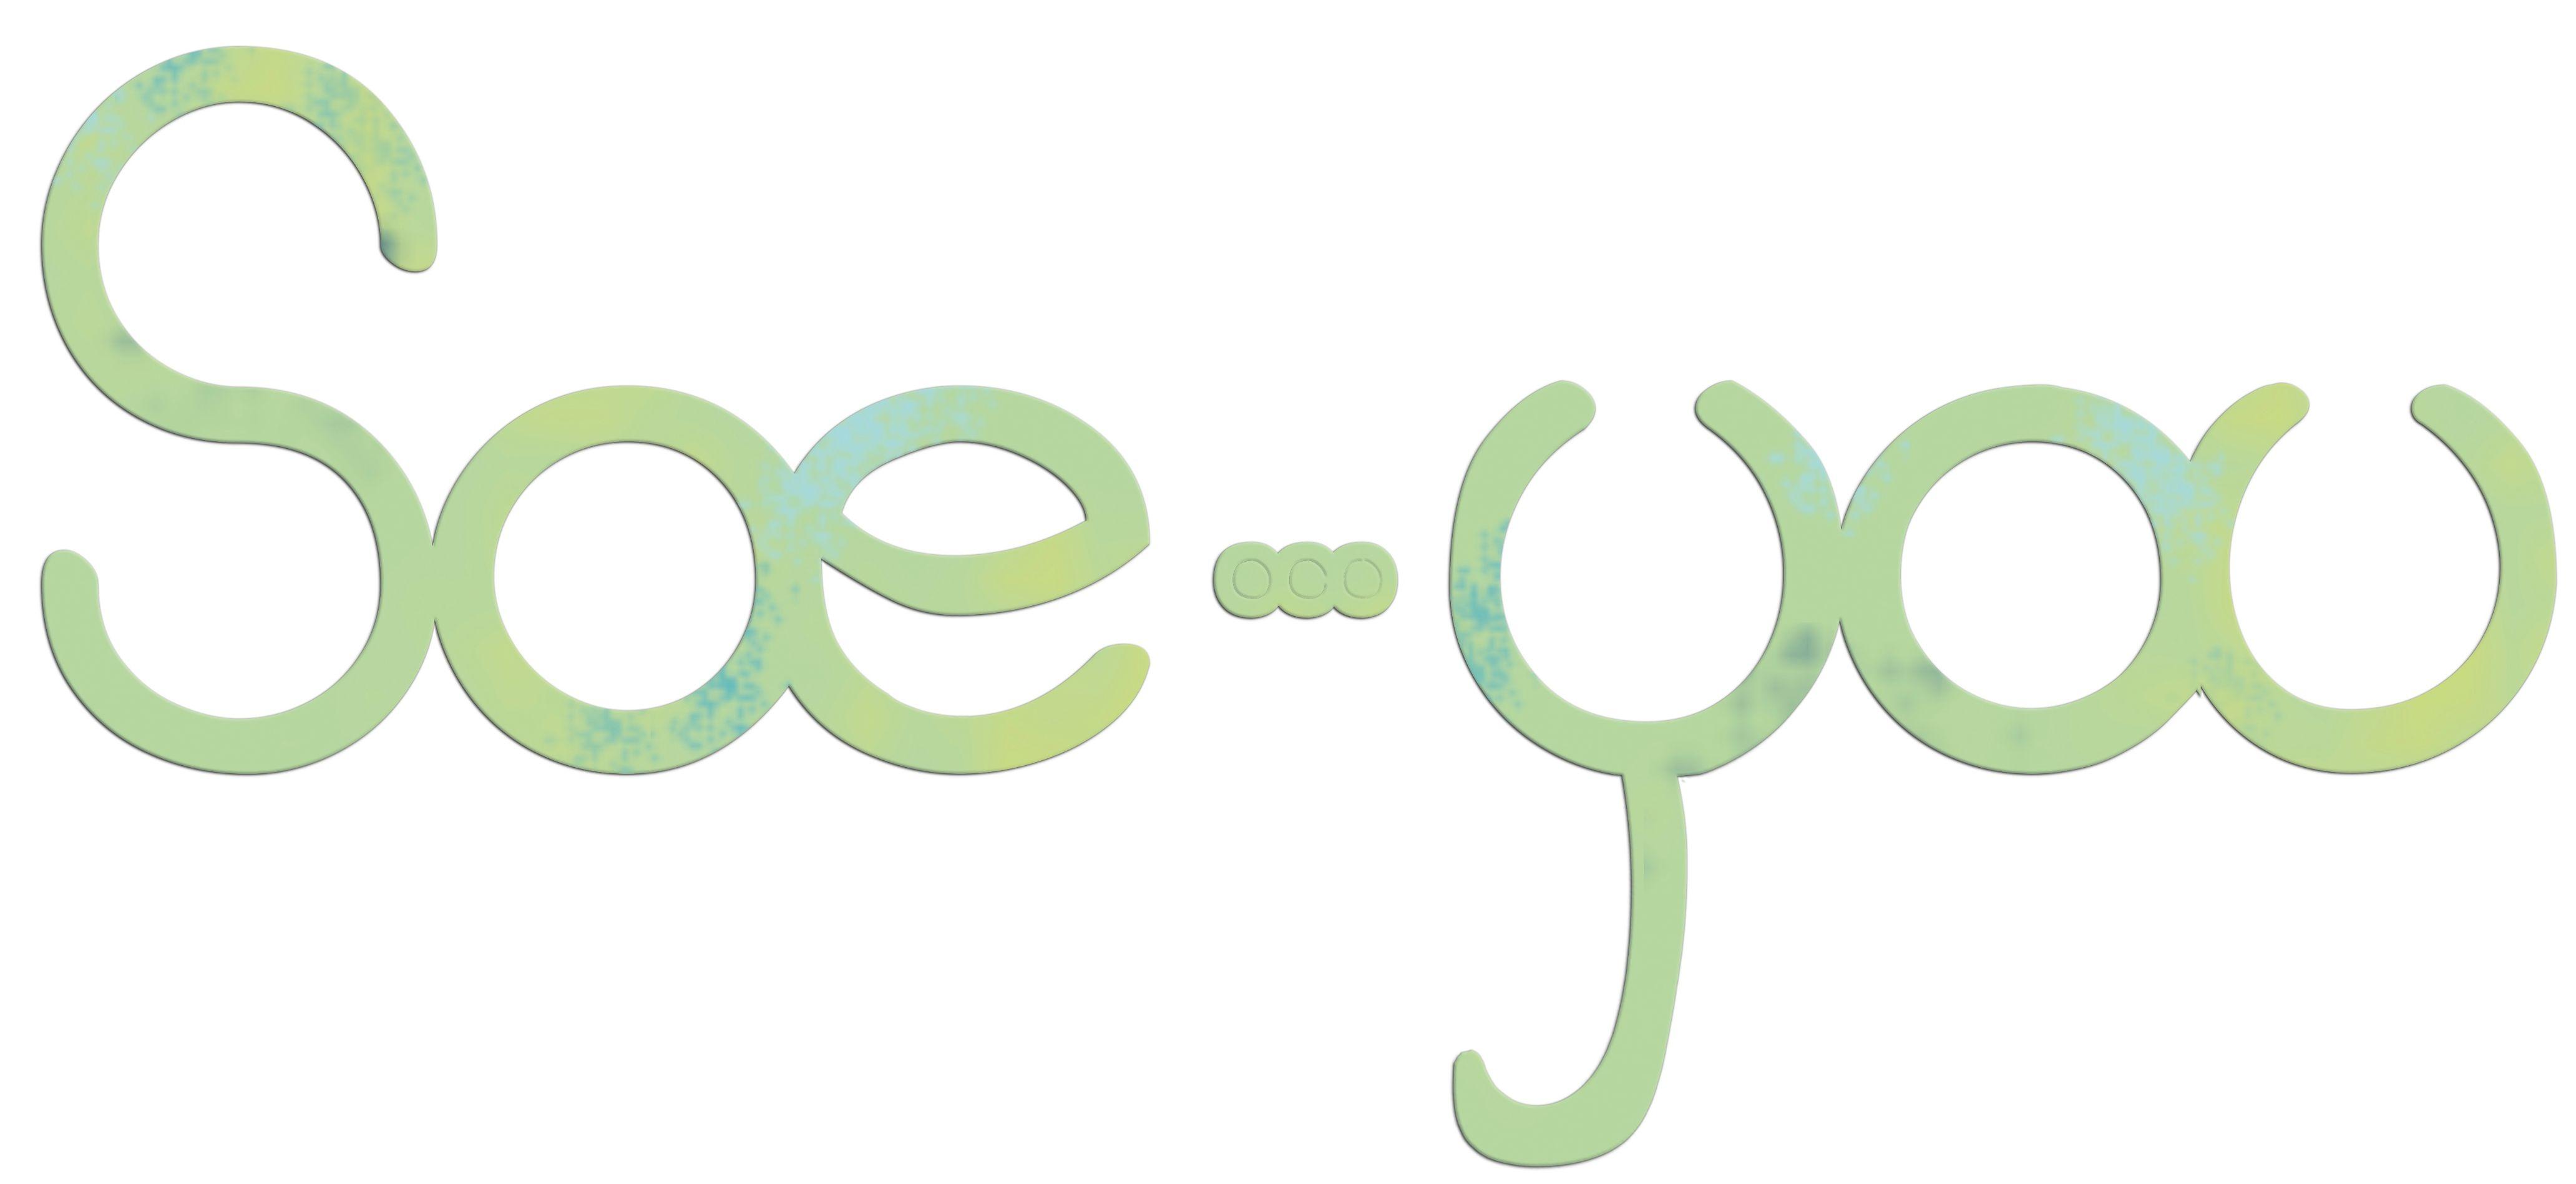 Soe-You